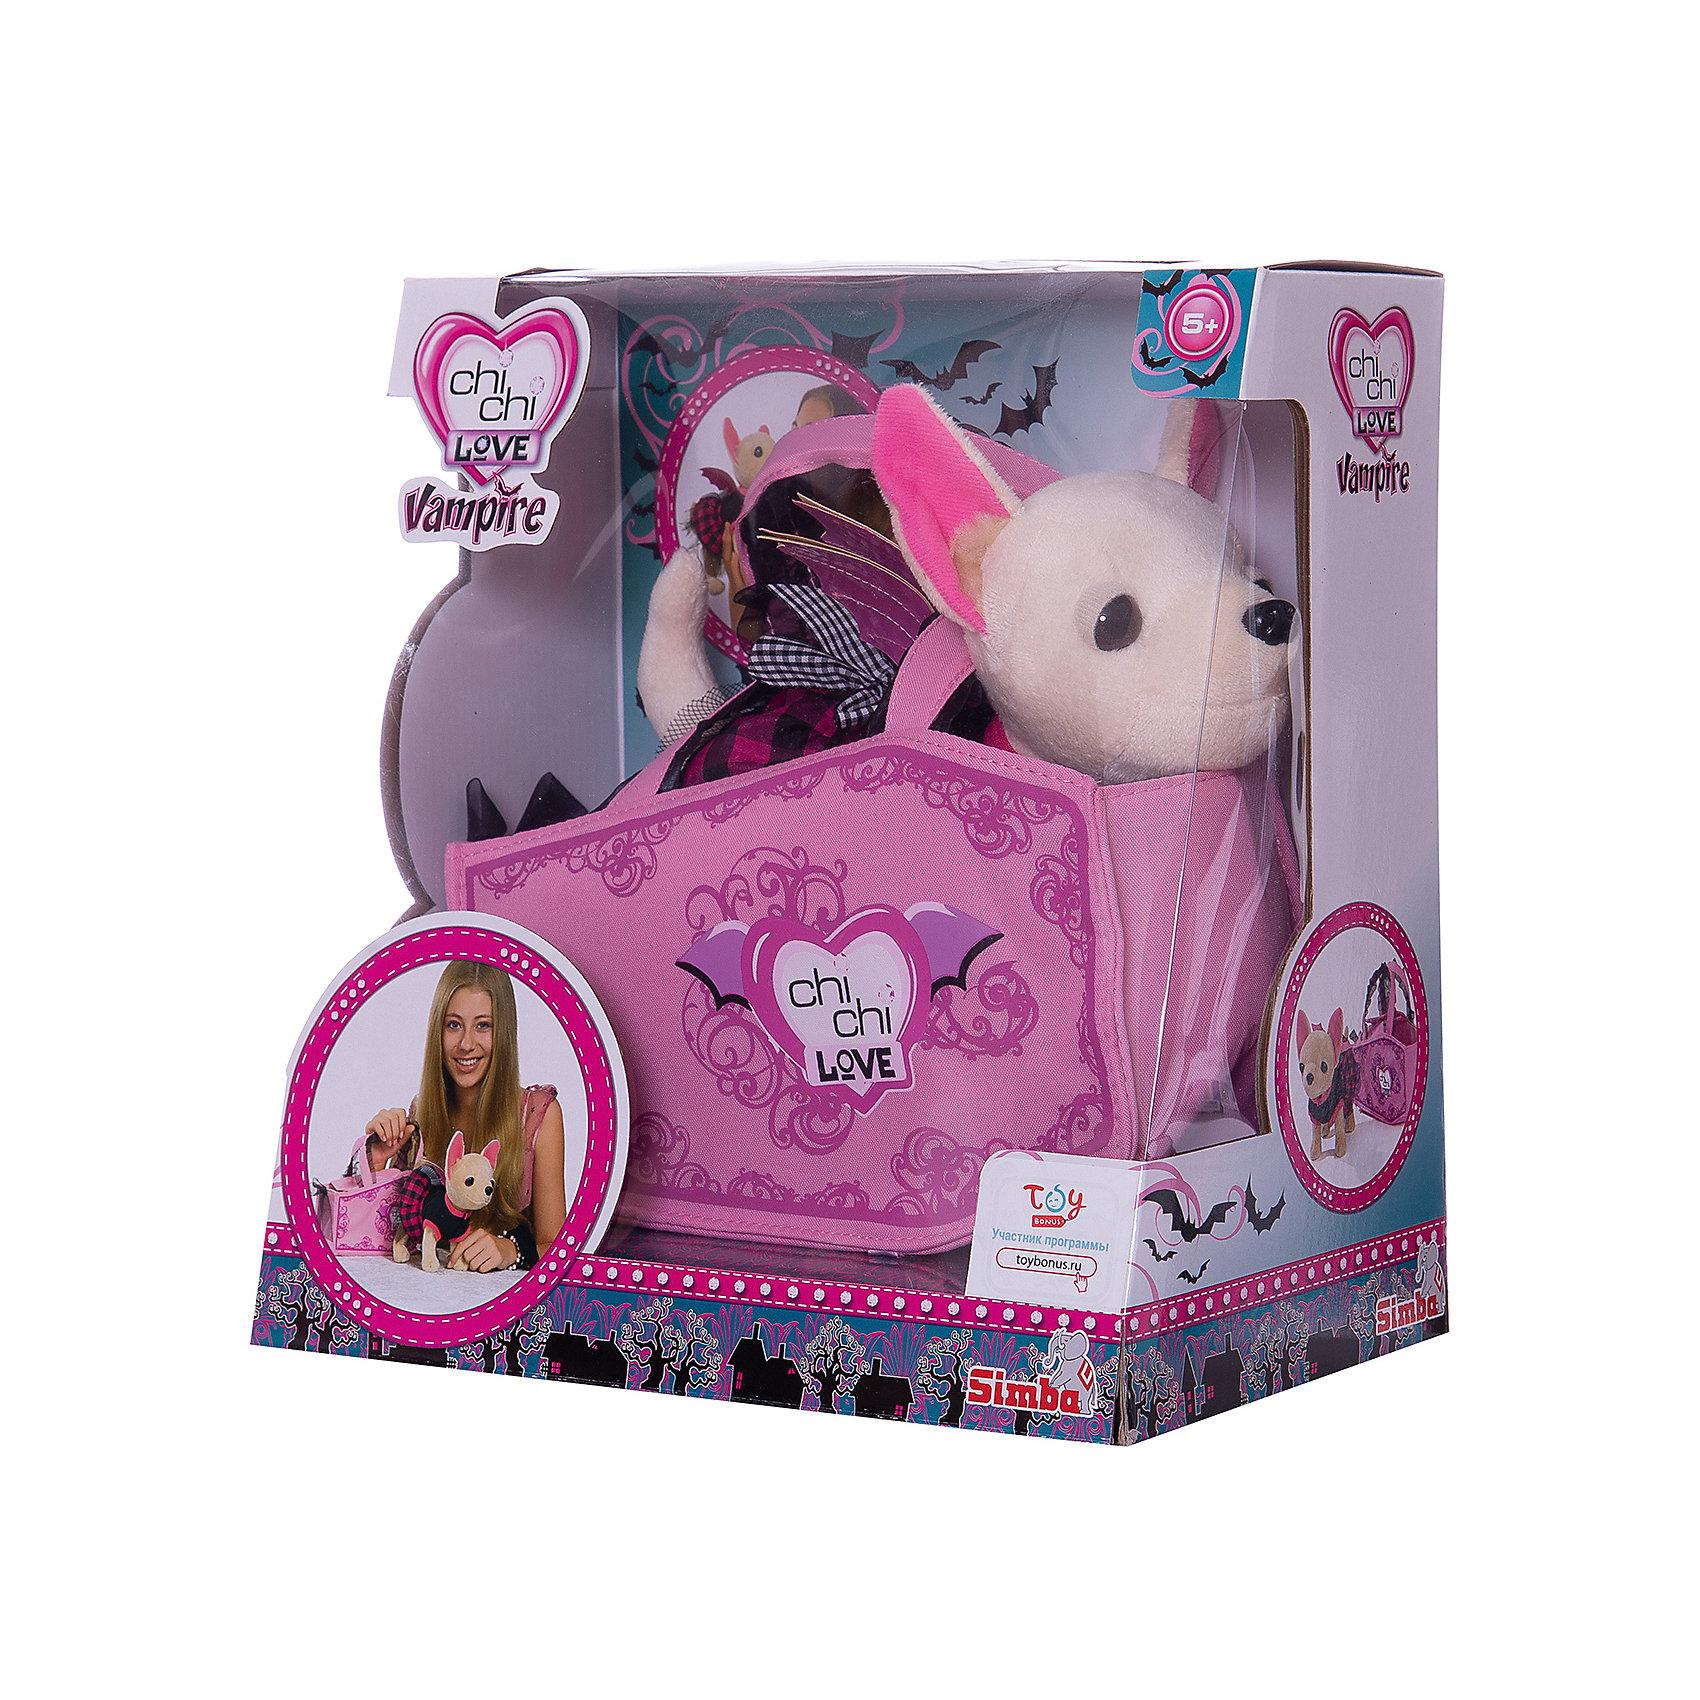 Плюшевая собачка Вампирчик, Chi Chi LoveПлюшевая собачка Вампирчик в платье с крылышками — плюшевый щенок Чихуахуа из популярной серии  Chi Chi Love (Чи Чи Лав) от Simba. Плюшевая собачка одета в модное черное платье с розовой отделкой. Сверху наряда расположены крылышки летучей мыши. Собачку Chi Chi Love очень удобно брать с собой на прогулки, ведь в комплекте с ней есть тематическая сумочка, украшенная витиеватым узором. У собачки гибкие лапки и мягкая шерстка.<br><br>Плюшевая собачка Chi Chi Love Вампирчик обязательно очарует свою хозяйку и станет для нее не только хорошим питомцем, но и отличным другом!<br><br>Дополнительная информация:<br><br>- В комплекте: Плюшевая собачка Вампирчик, платье с крылышками, сумочка.<br>- Материал: пластик, текстиль<br>- Длина игрушки: 20 см.<br>- Размеры упаковки: (Д)29 Х (Ш)16.5 Х(В)31 см<br><br>Игрушку Плюшевая собачка Вампирчик, Simba можно купить в нашем интернет-магазине.<br><br>Ширина мм: 290<br>Глубина мм: 175<br>Высота мм: 300<br>Вес г: 550<br>Возраст от месяцев: 60<br>Возраст до месяцев: 120<br>Пол: Женский<br>Возраст: Детский<br>SKU: 3373371